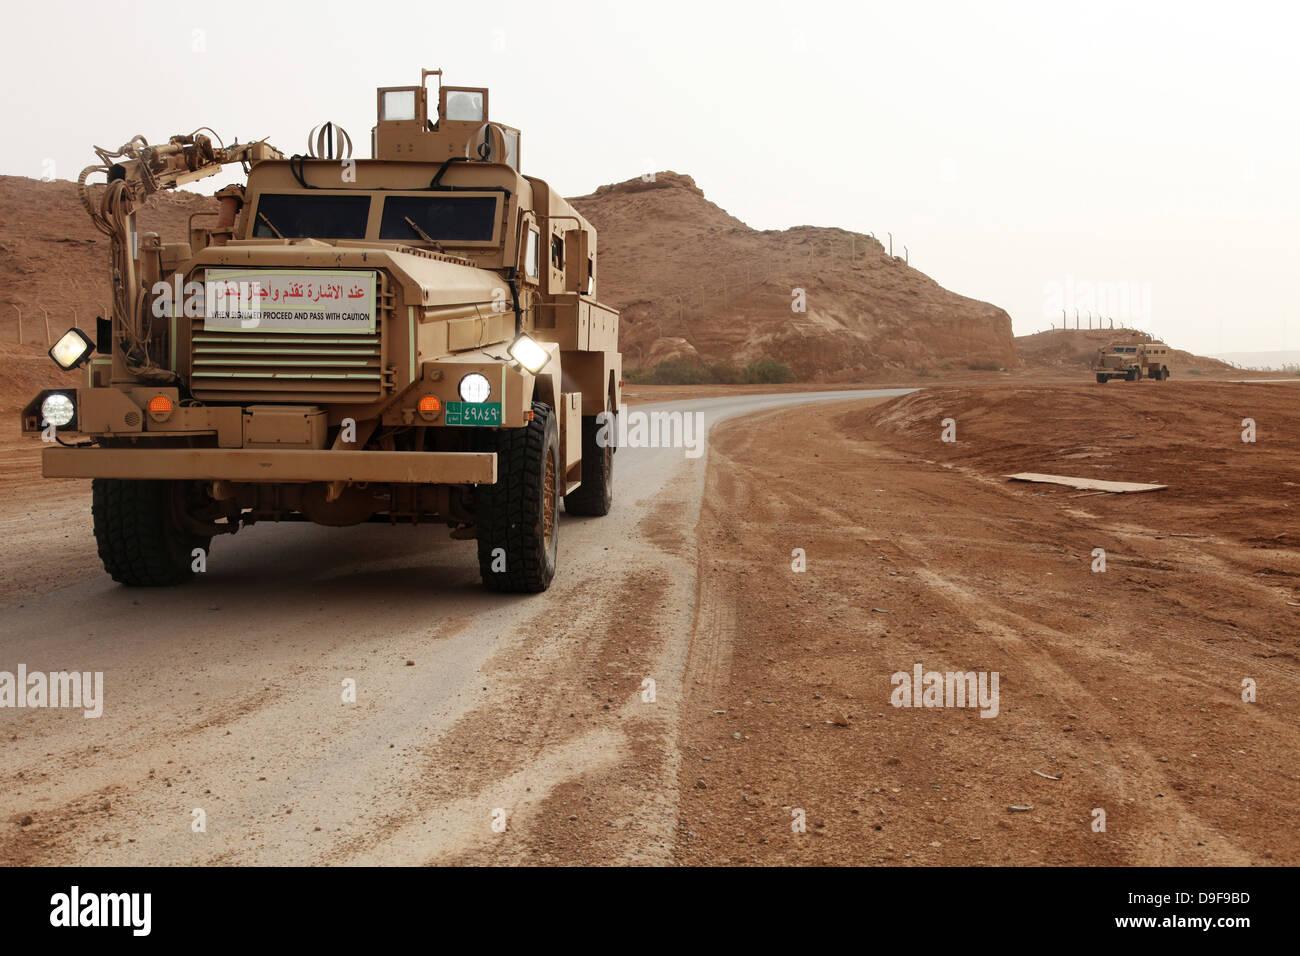 Vehículos de combate blindados Cougar en Iraq. Imagen De Stock